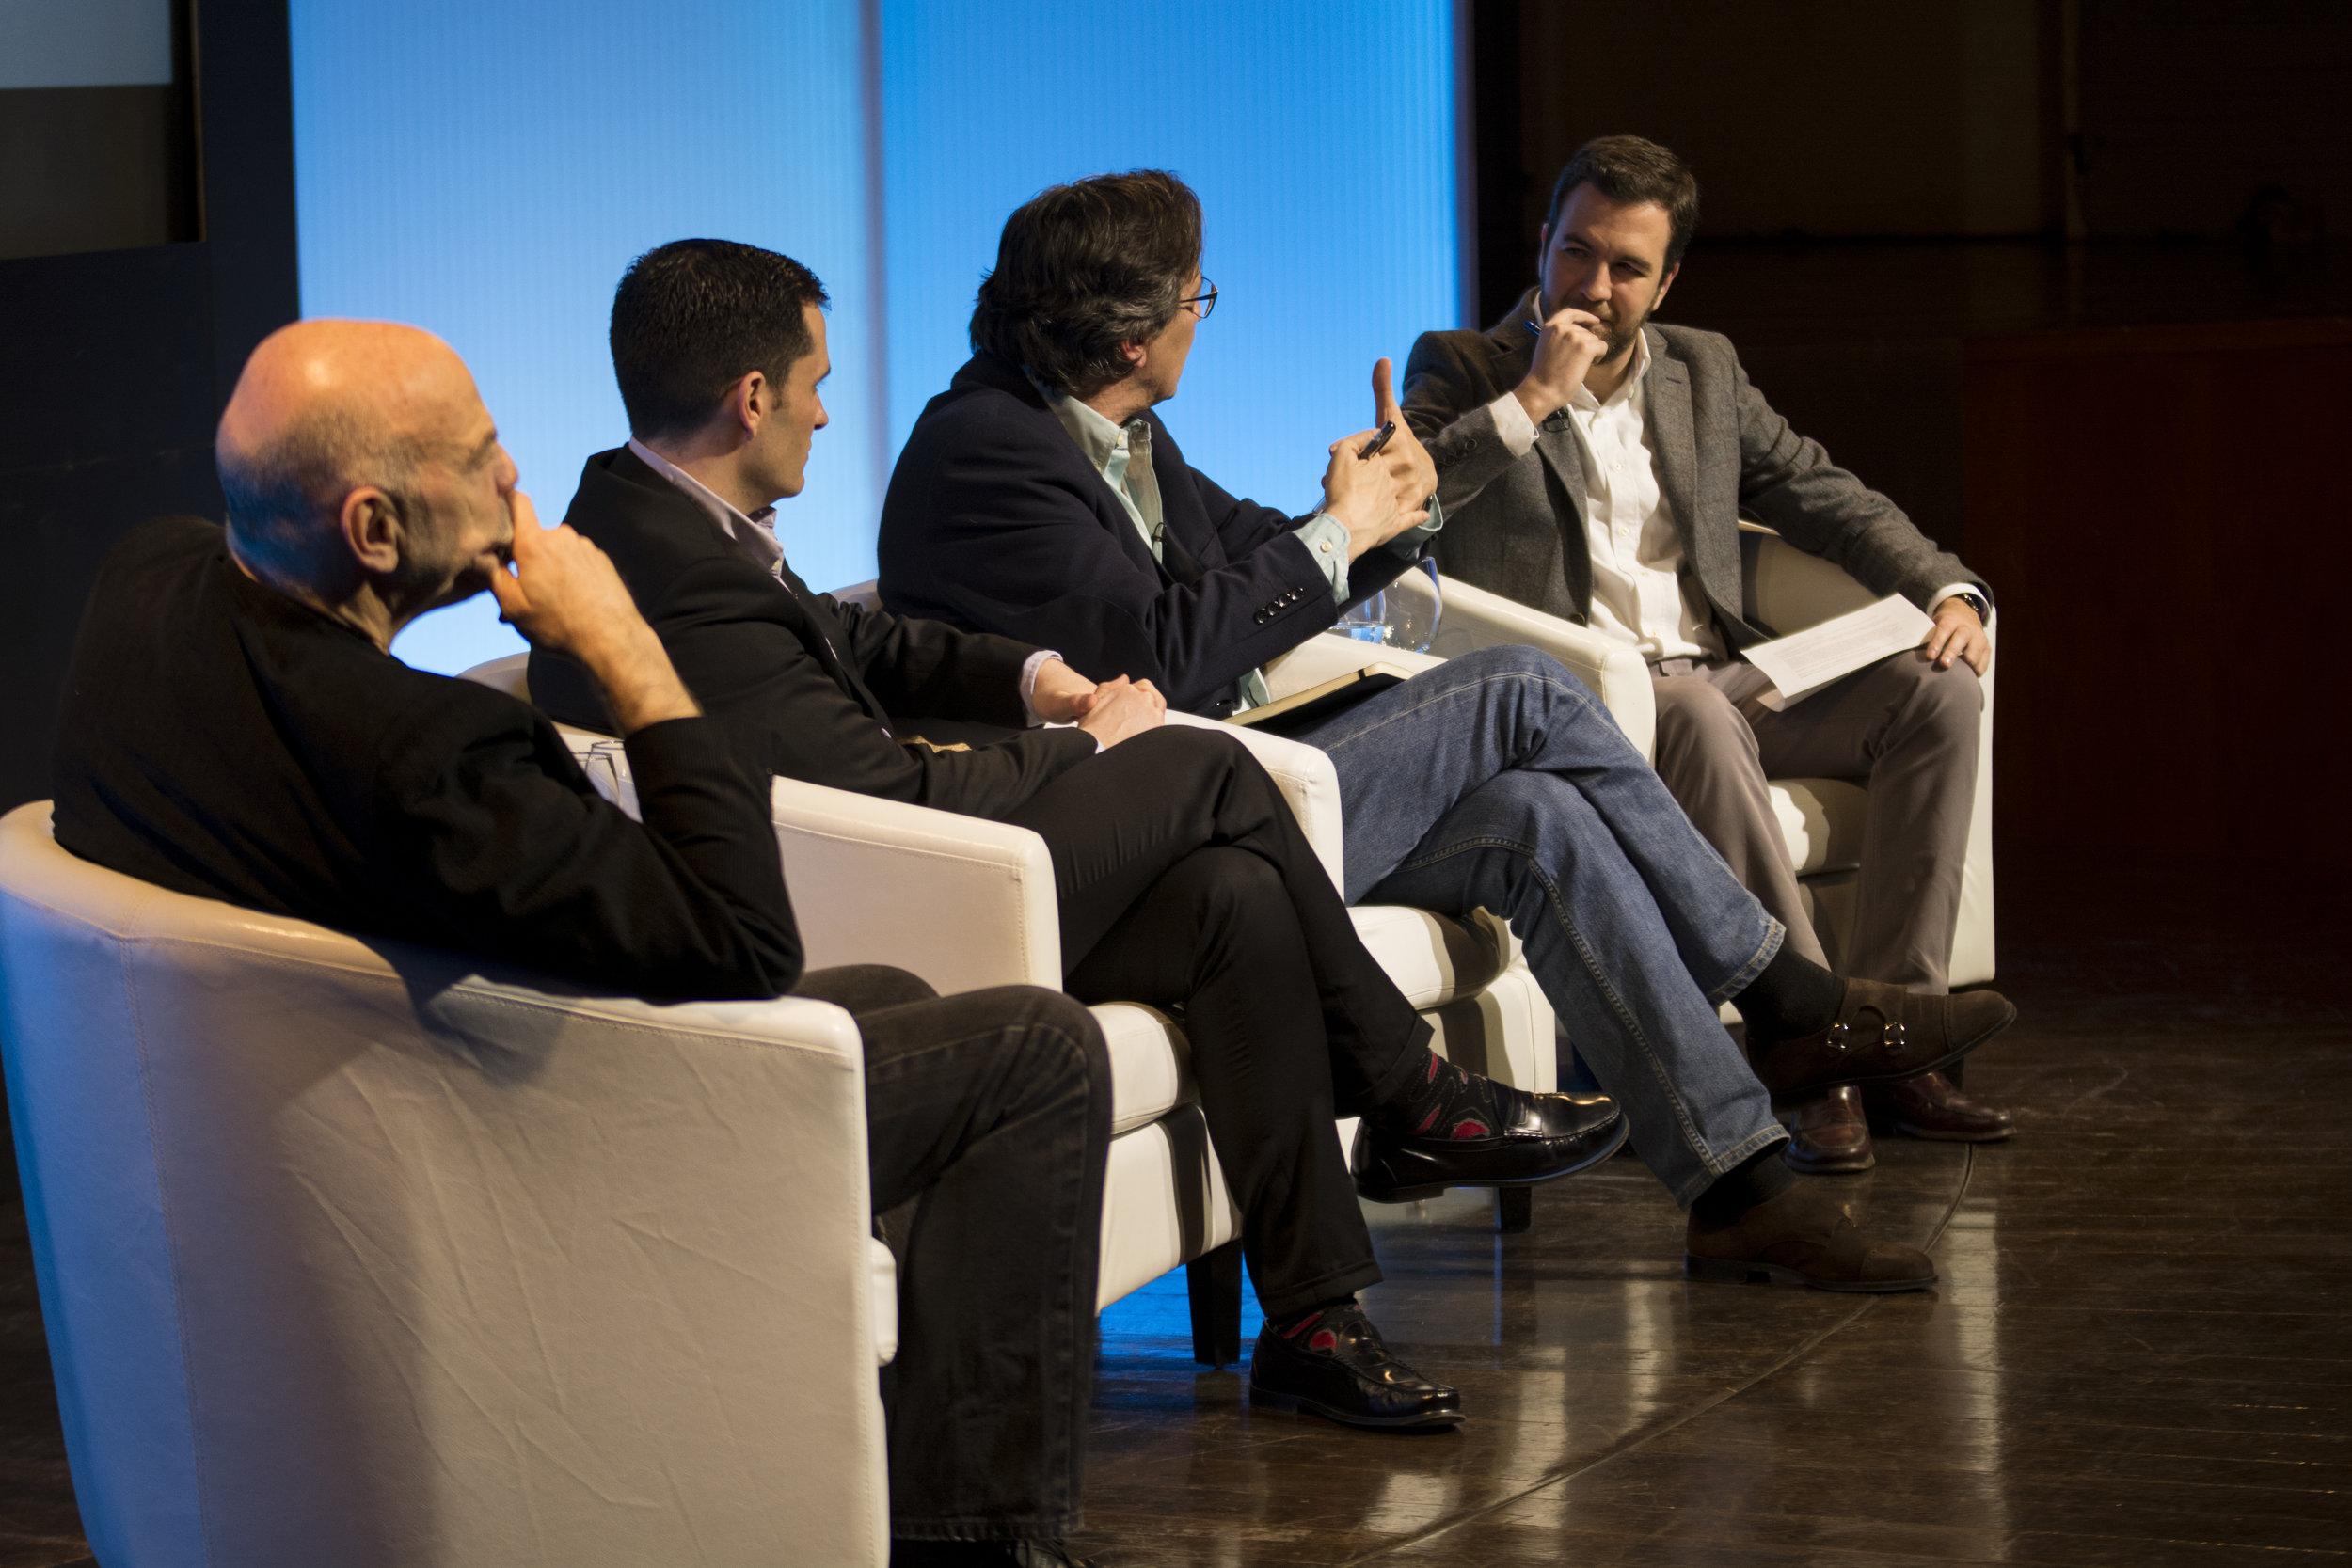 Debate David Alandete, Israel Doncel, Ignacio Vallespín and Martín Caparrós in Casa de America, 2017.